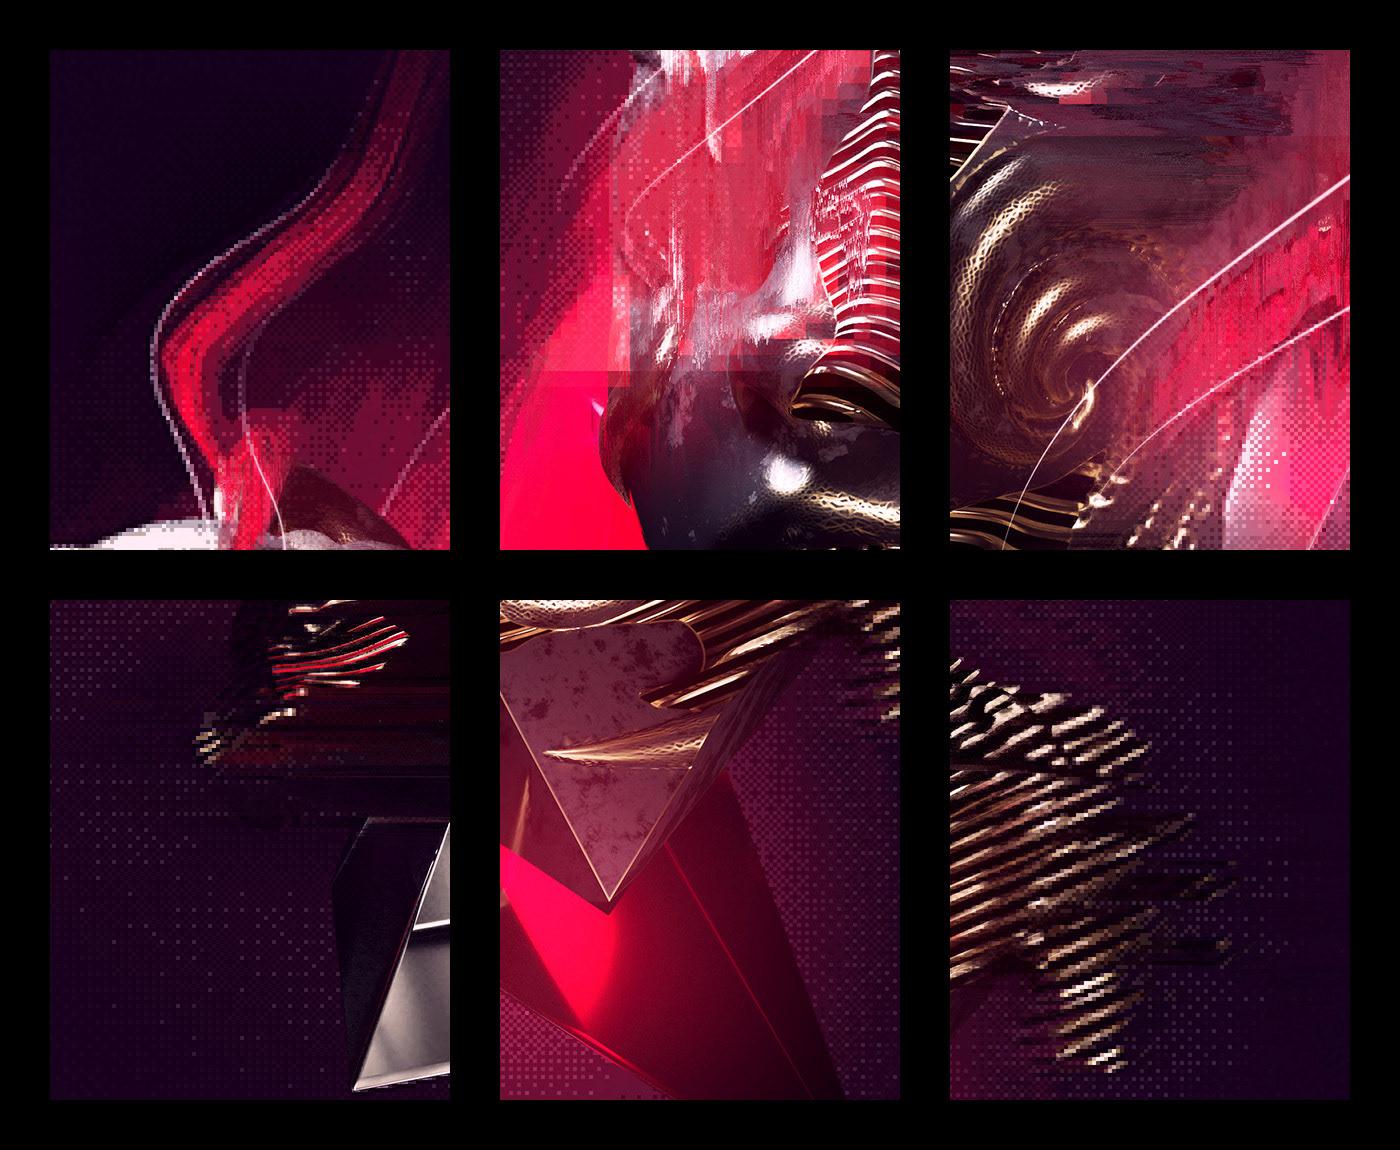 3D abstract octane